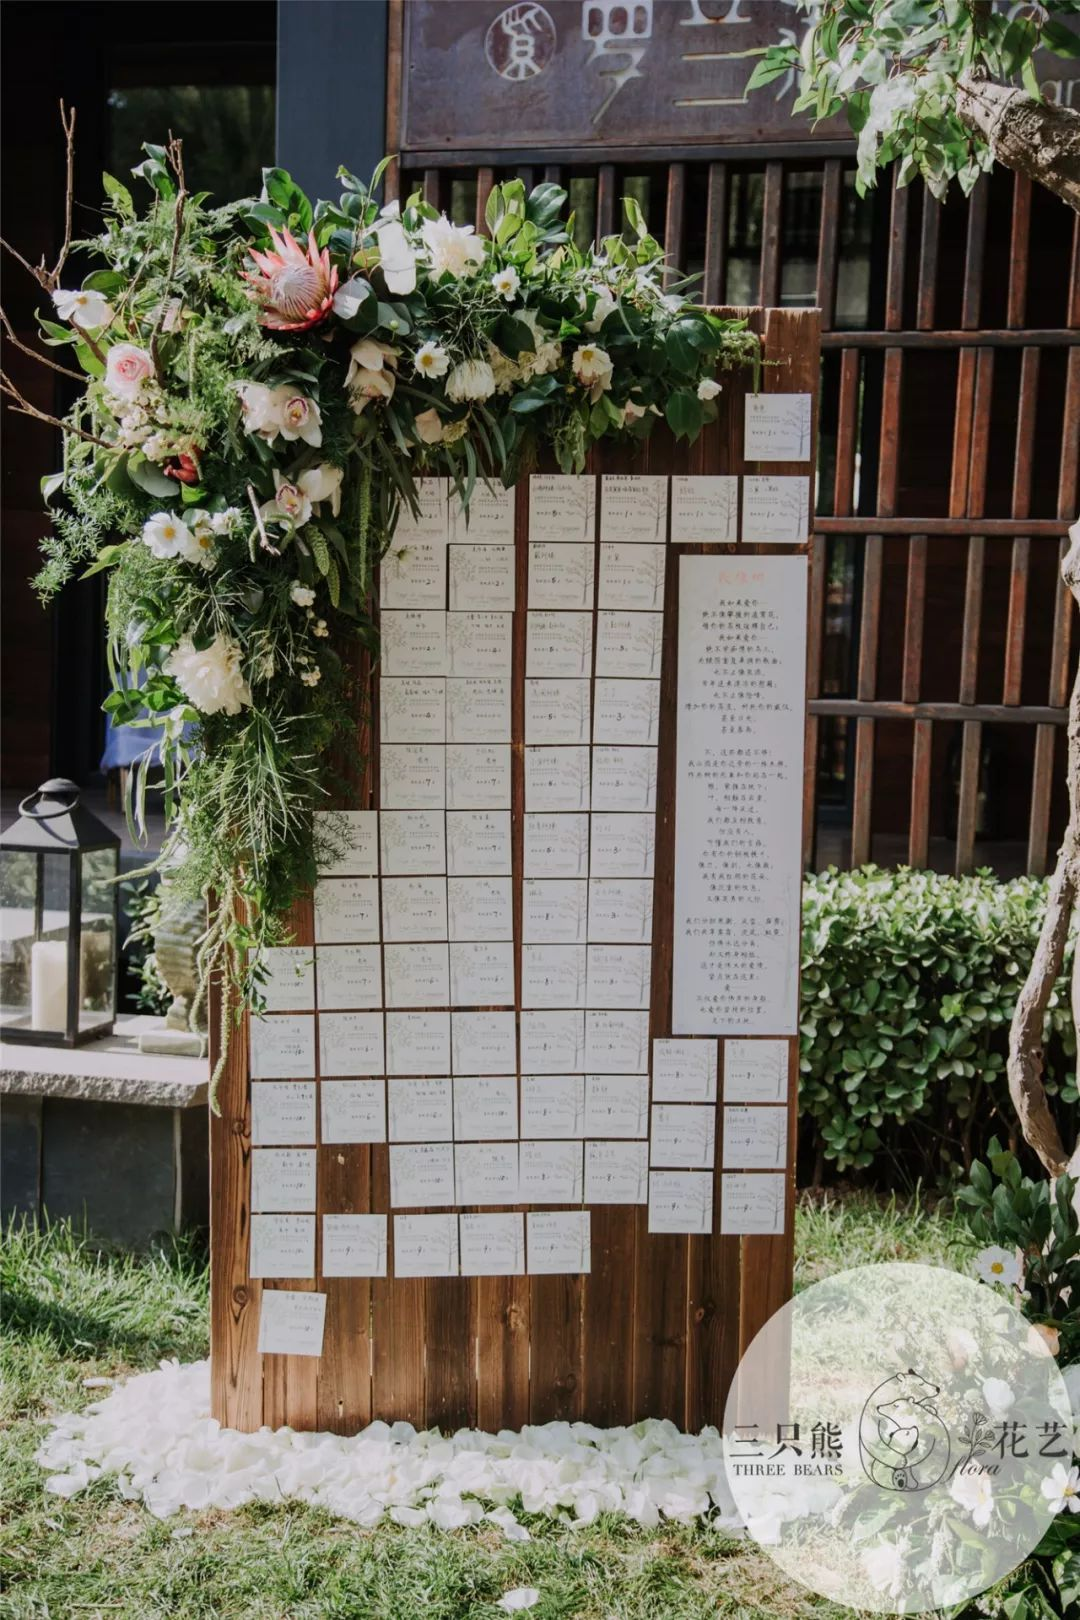 以诗为题,以爱之名,一场洋溢着翩跹诗意的小清新婚礼 真实婚礼